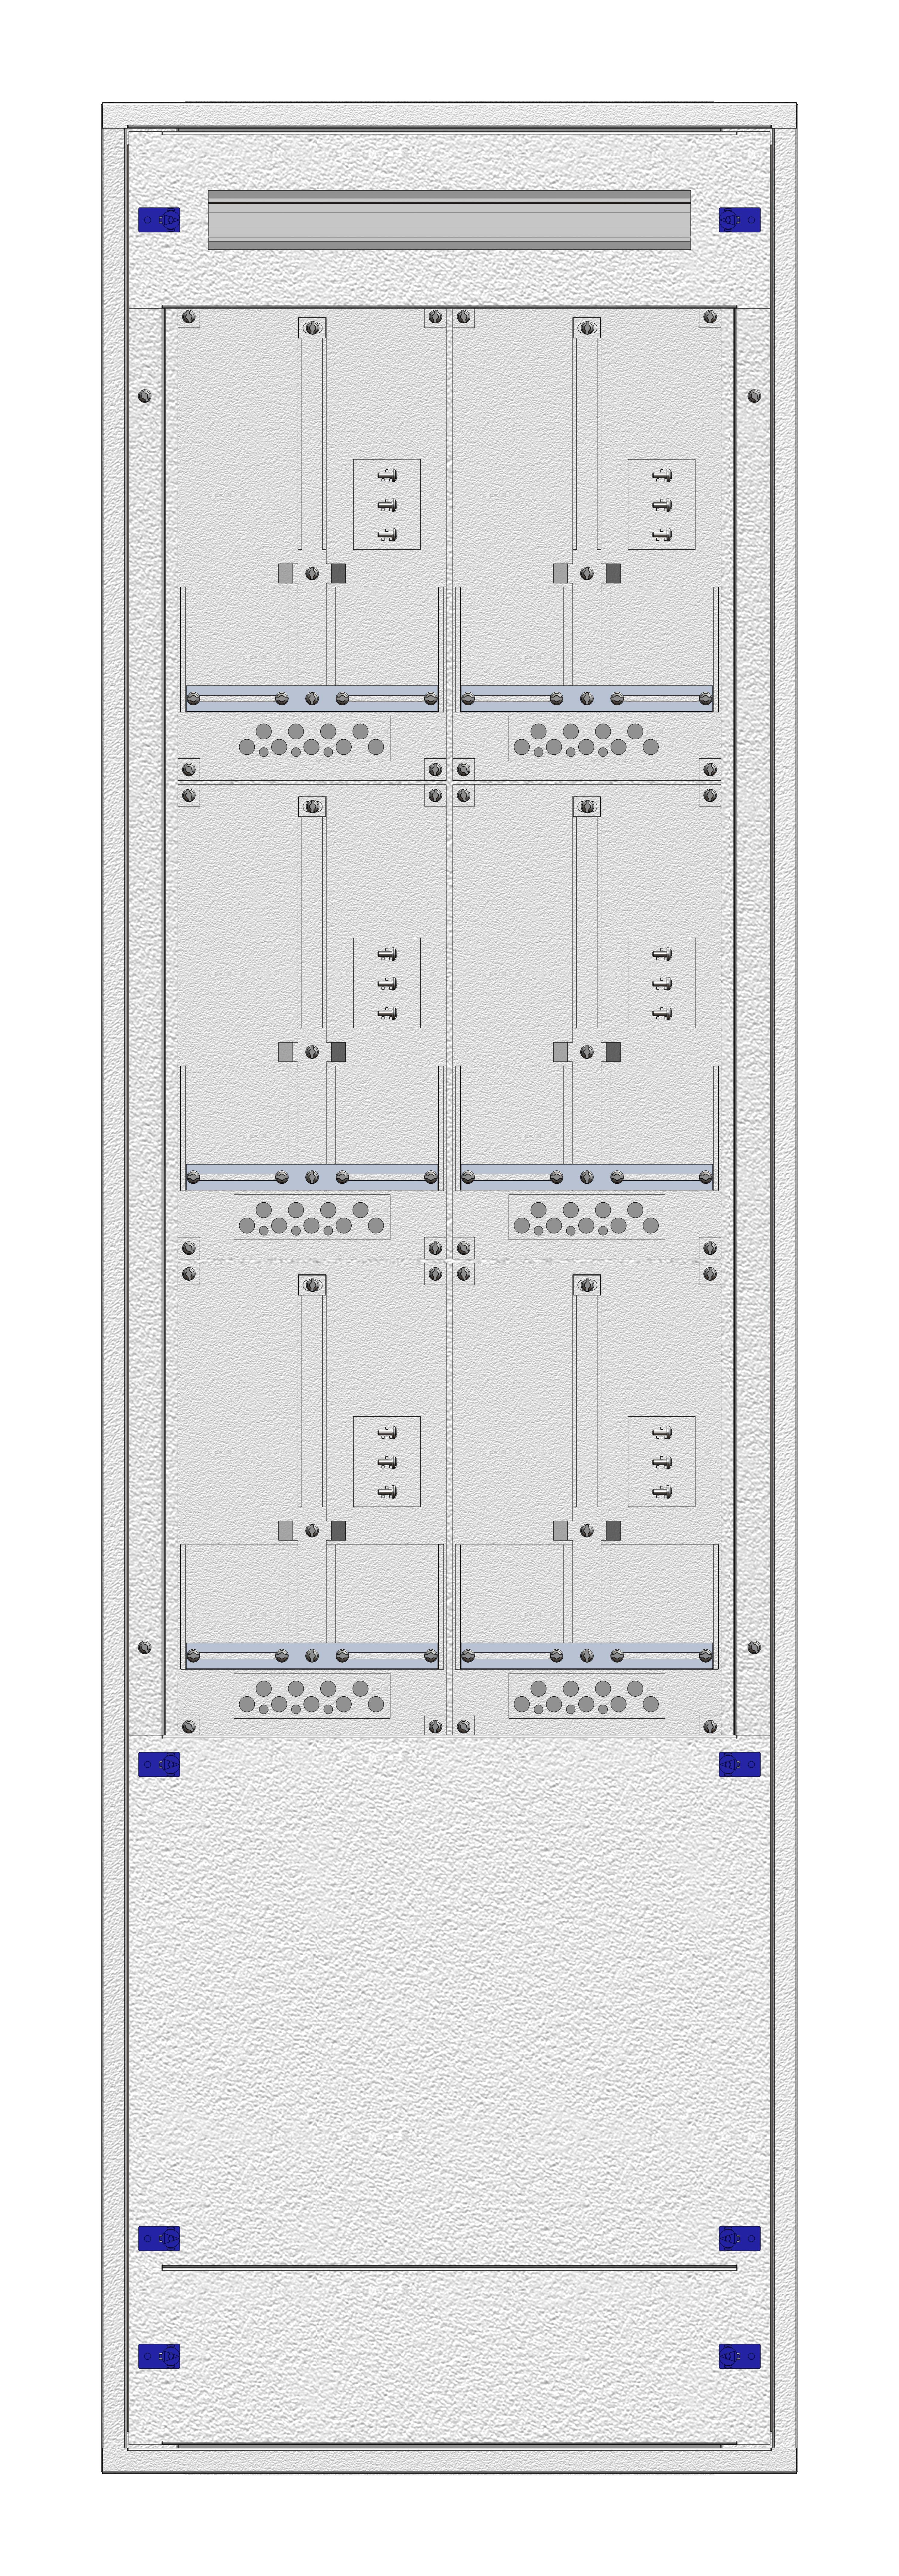 1 Stk Masken-Zählerverteiler 2M-39M/WIEN 6ZP, H1855B540T200mm IL122239WS